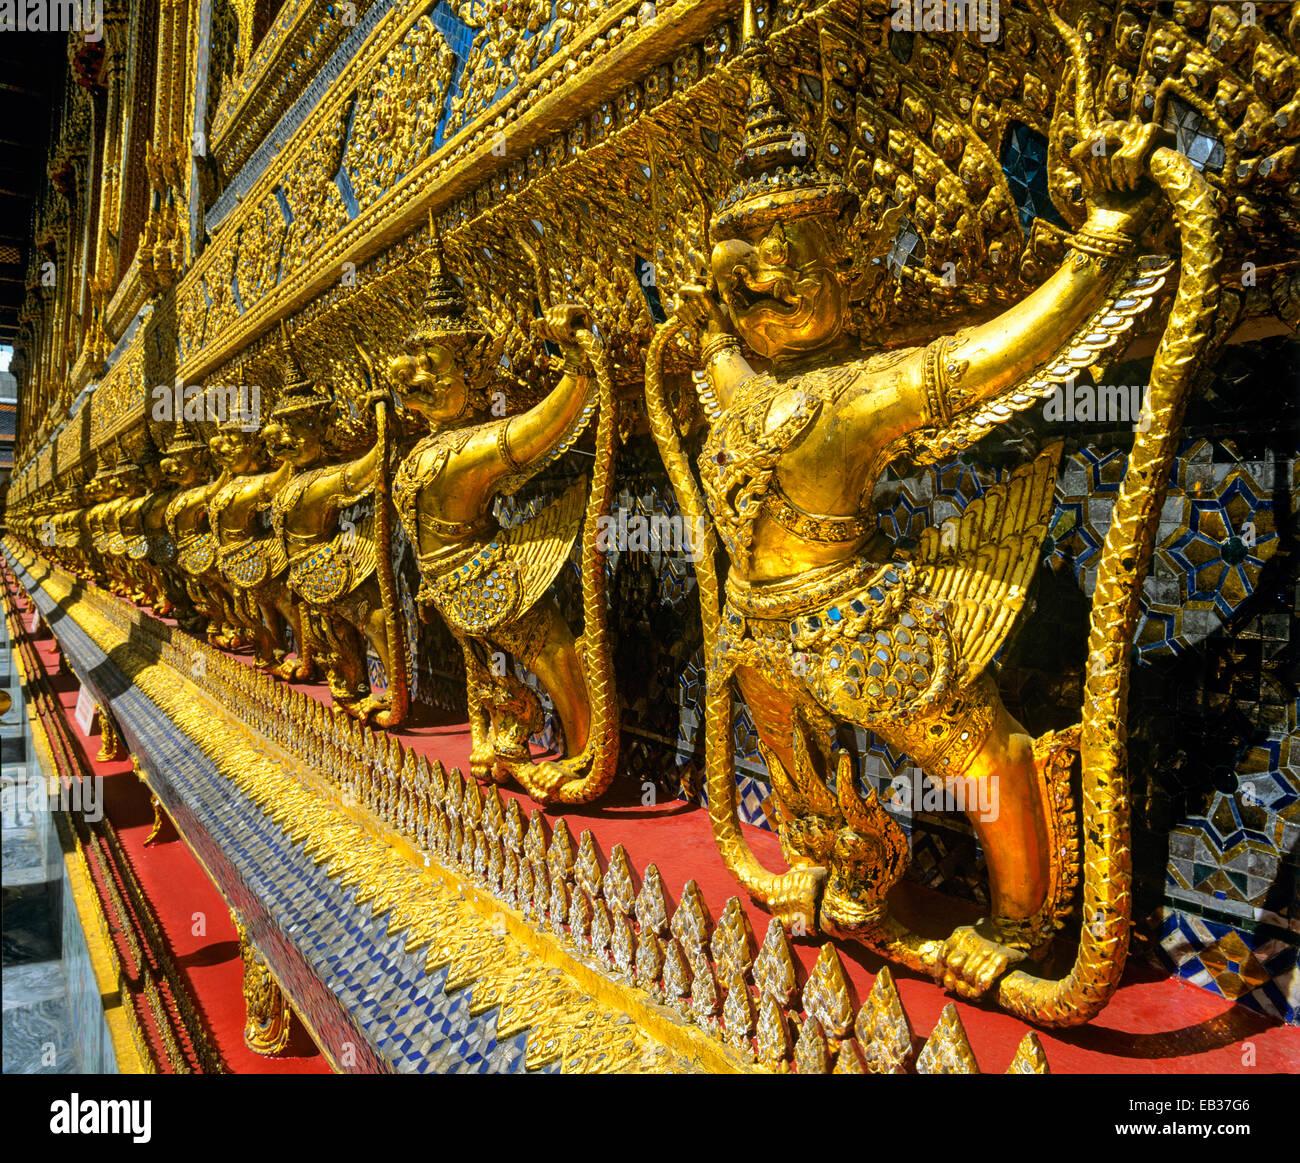 Garudas dorados, pájaro mítico-como criaturas, el Wat Phra Kaeo templo, Palacio Real, Bangkok, Tailandia, Imagen De Stock